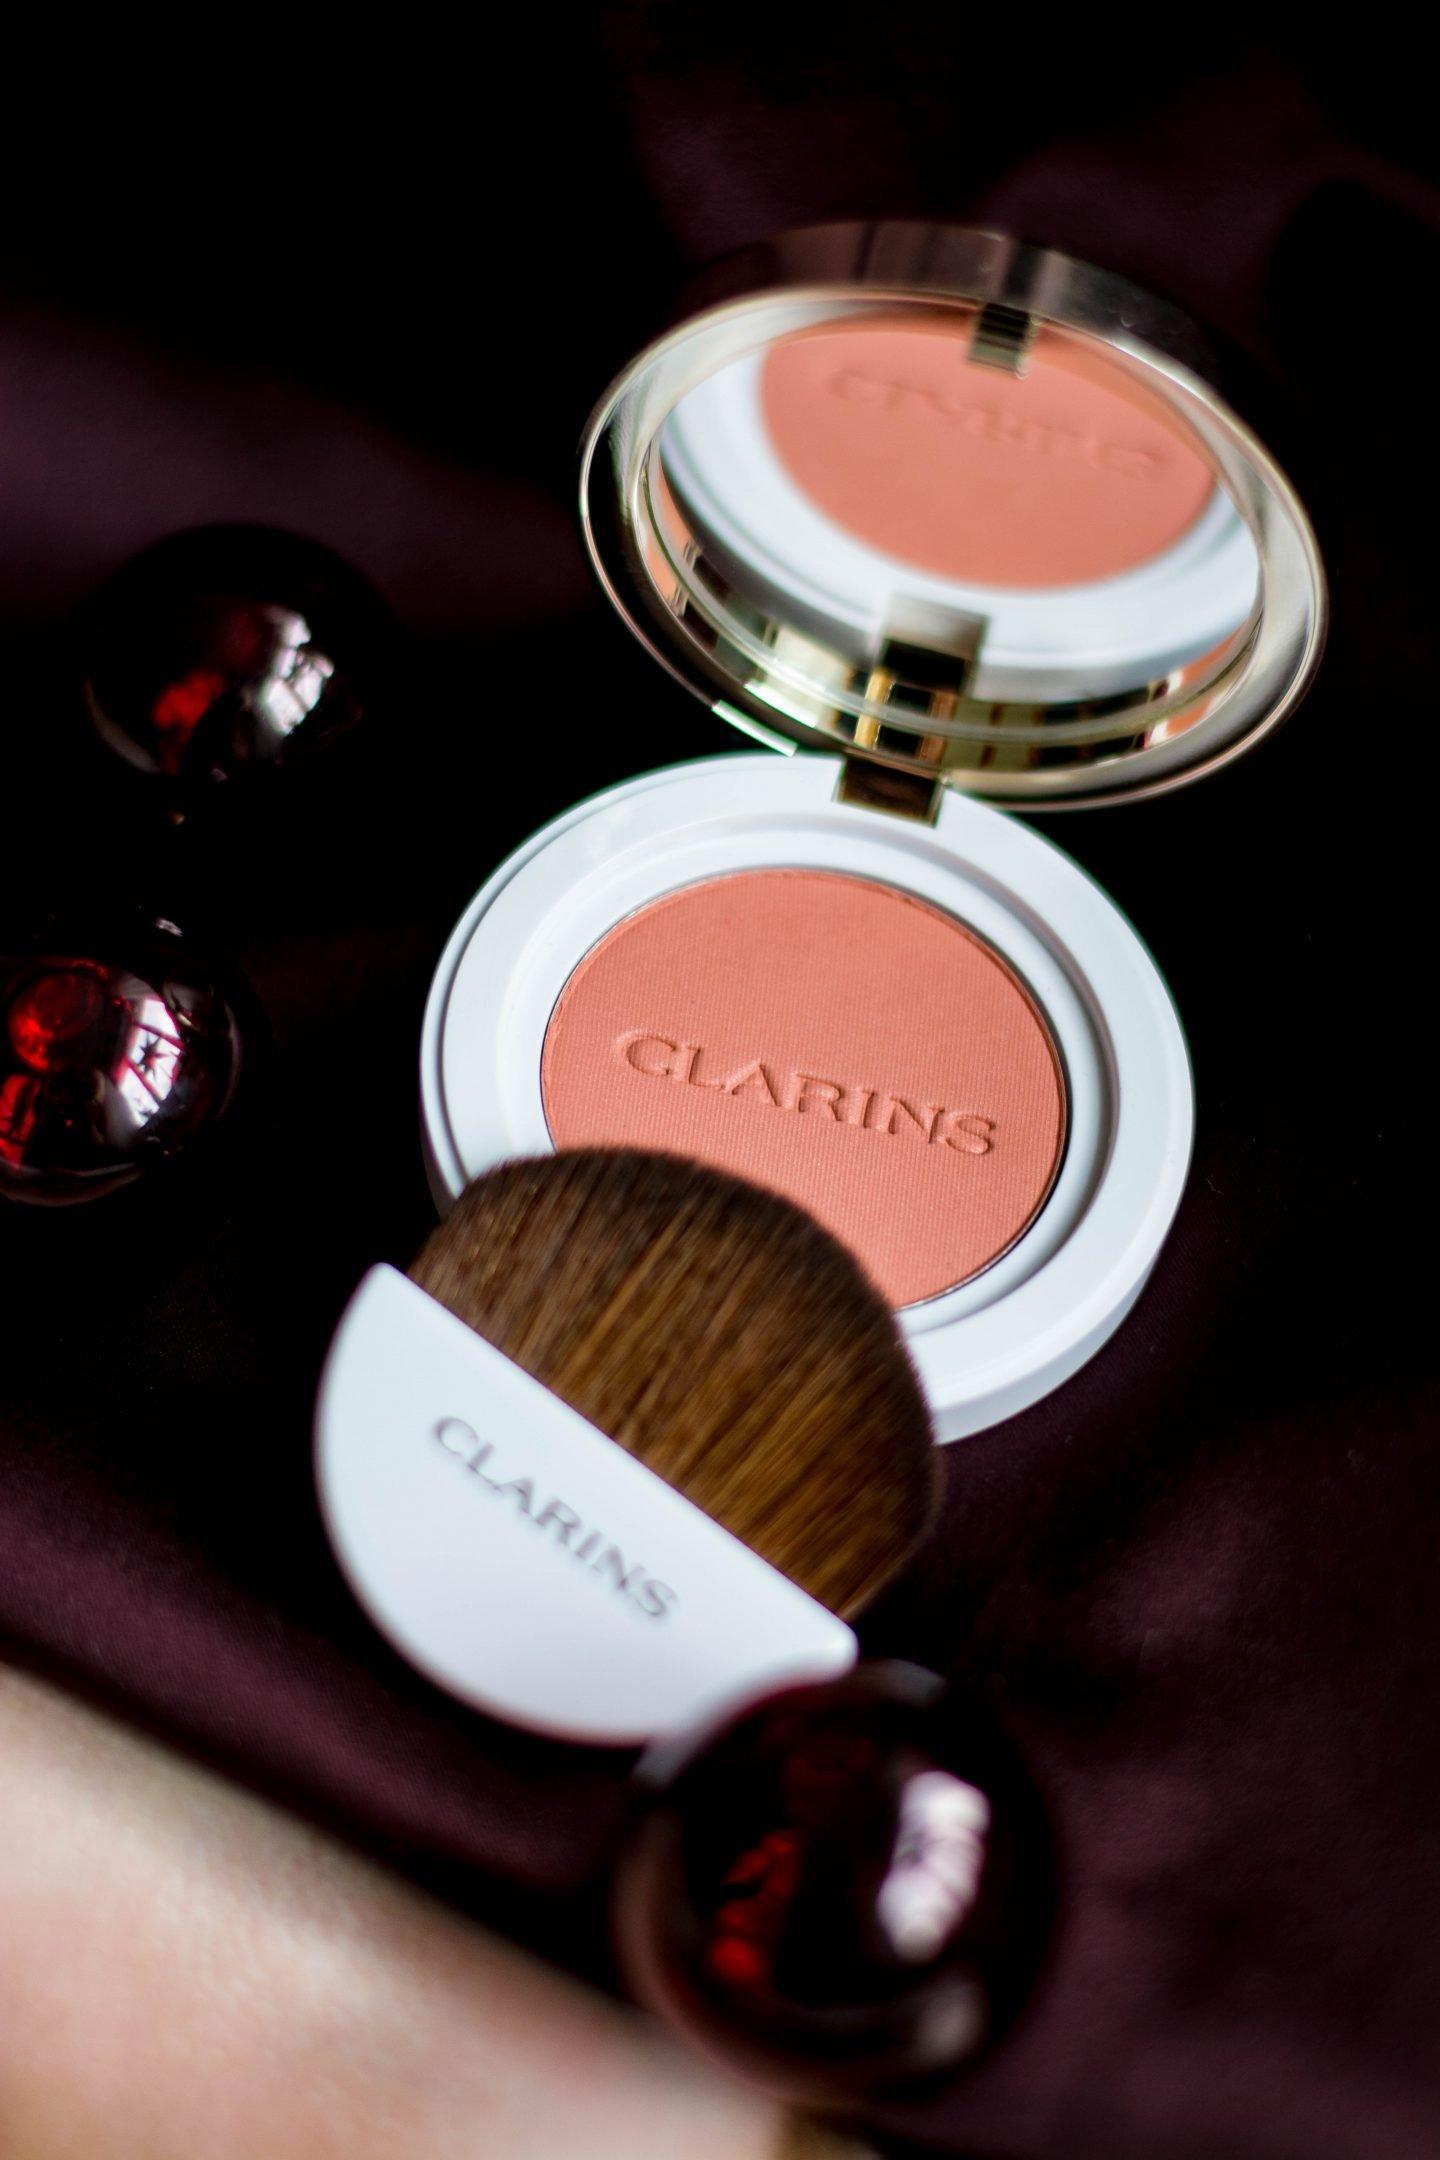 Blush, Rouge, Joli Blush, cheeky Coral, leuchtende Wangen, Frische, Glamour, Glow, XMAS, Make-up, natürlich, Make-uo mit drei Produkten, schnelles Make-up, kurze Nacht